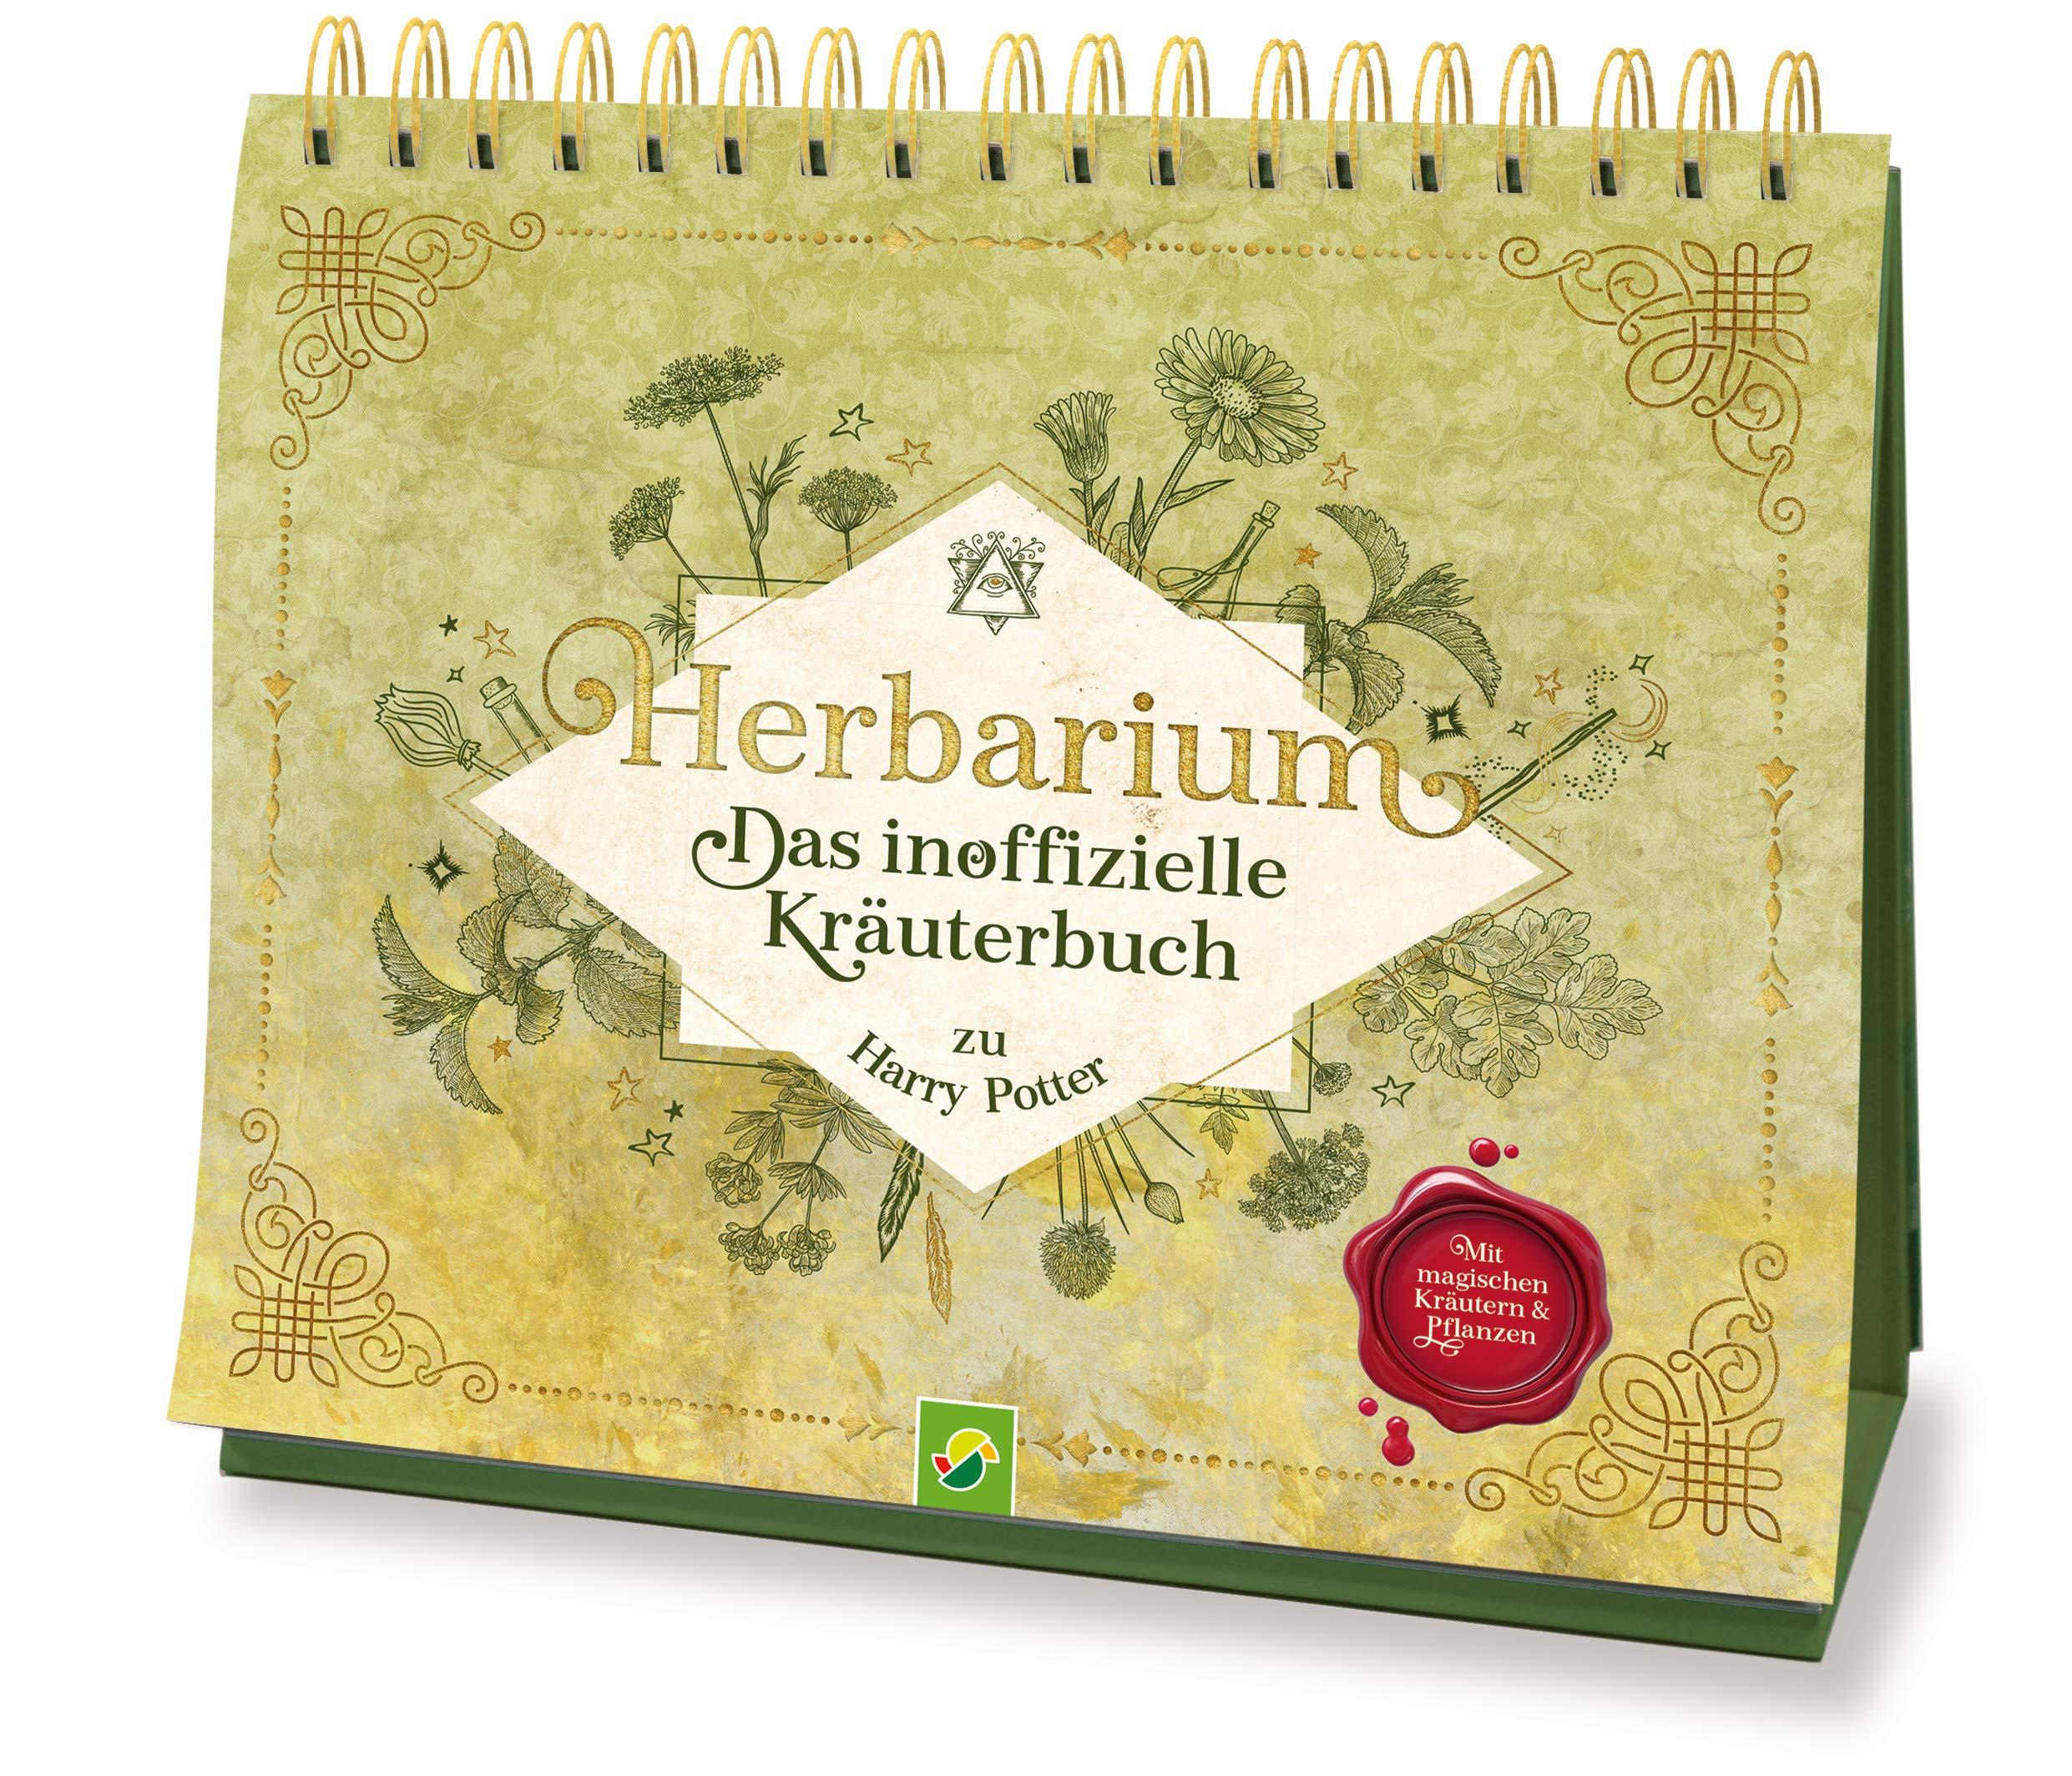 Herbarium Das Inoffizielle Krauterbuch Zu Harry Potter 9783849924218 Amazon Com Books